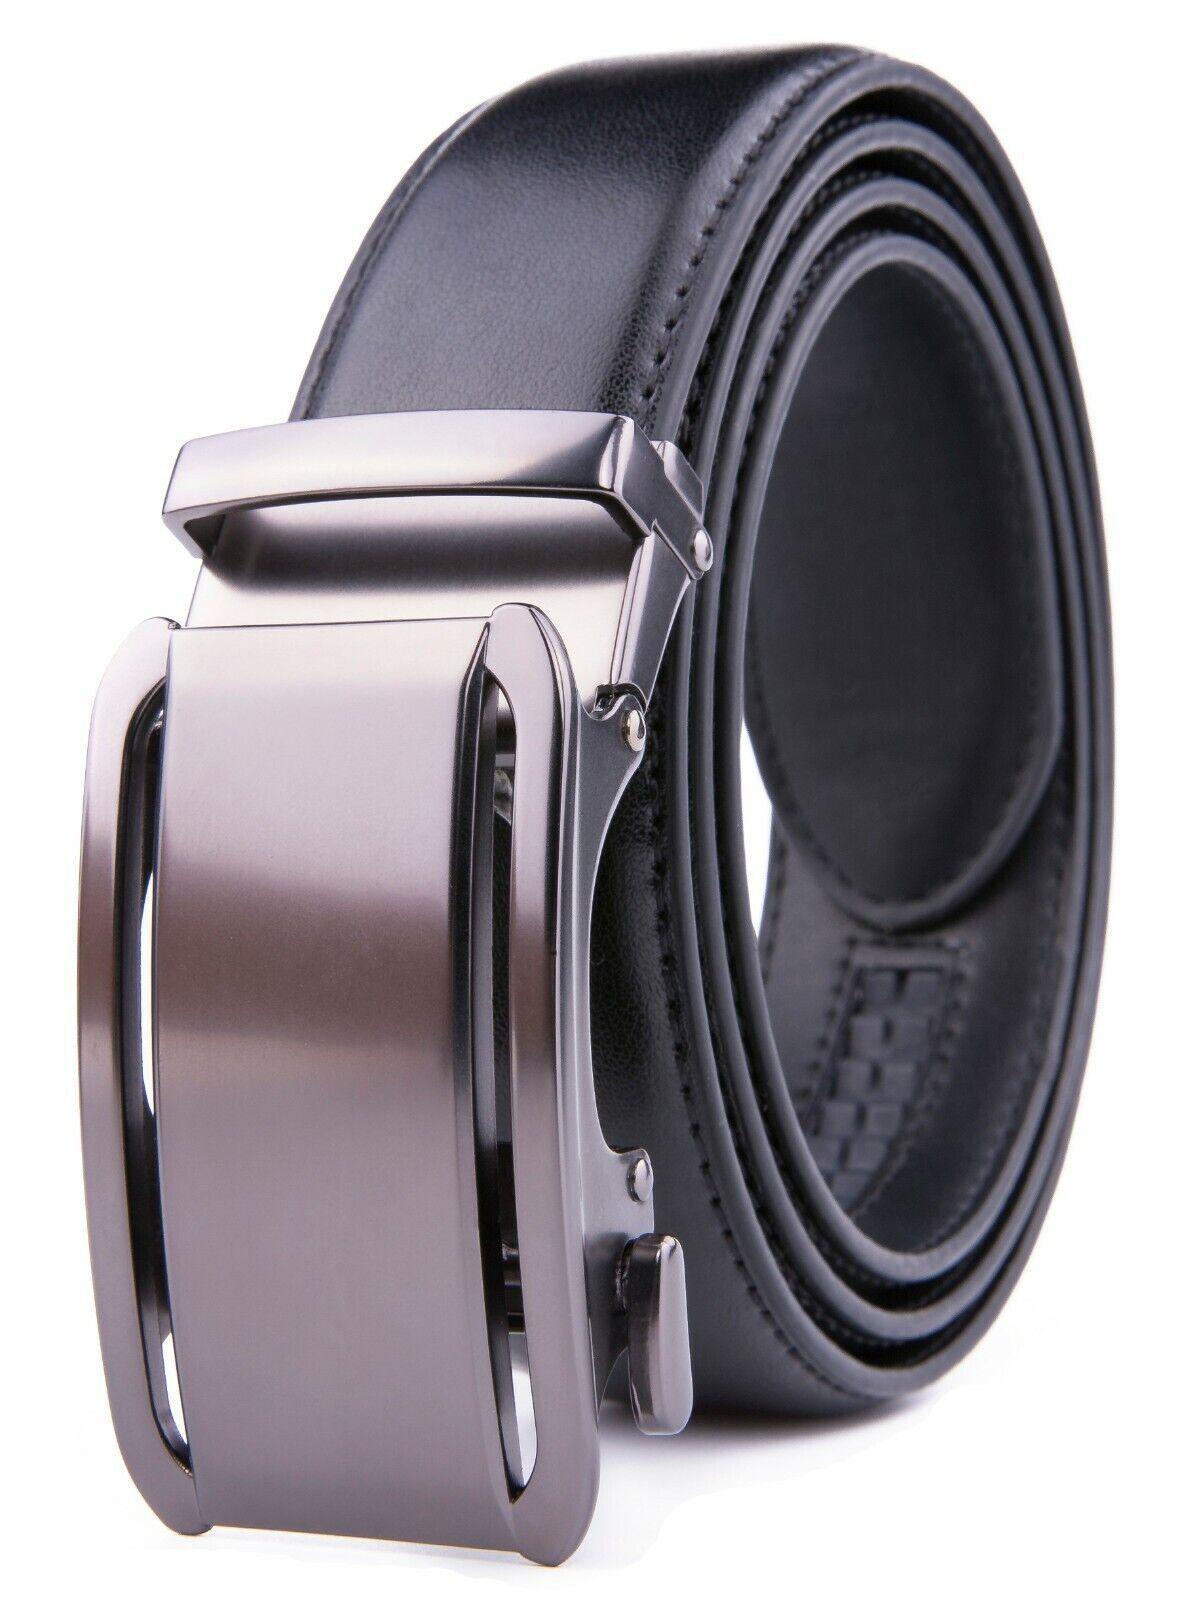 Men's Belt Leather Dress Belts for Men Ratchet Automatic Buckle Size Customized Belts